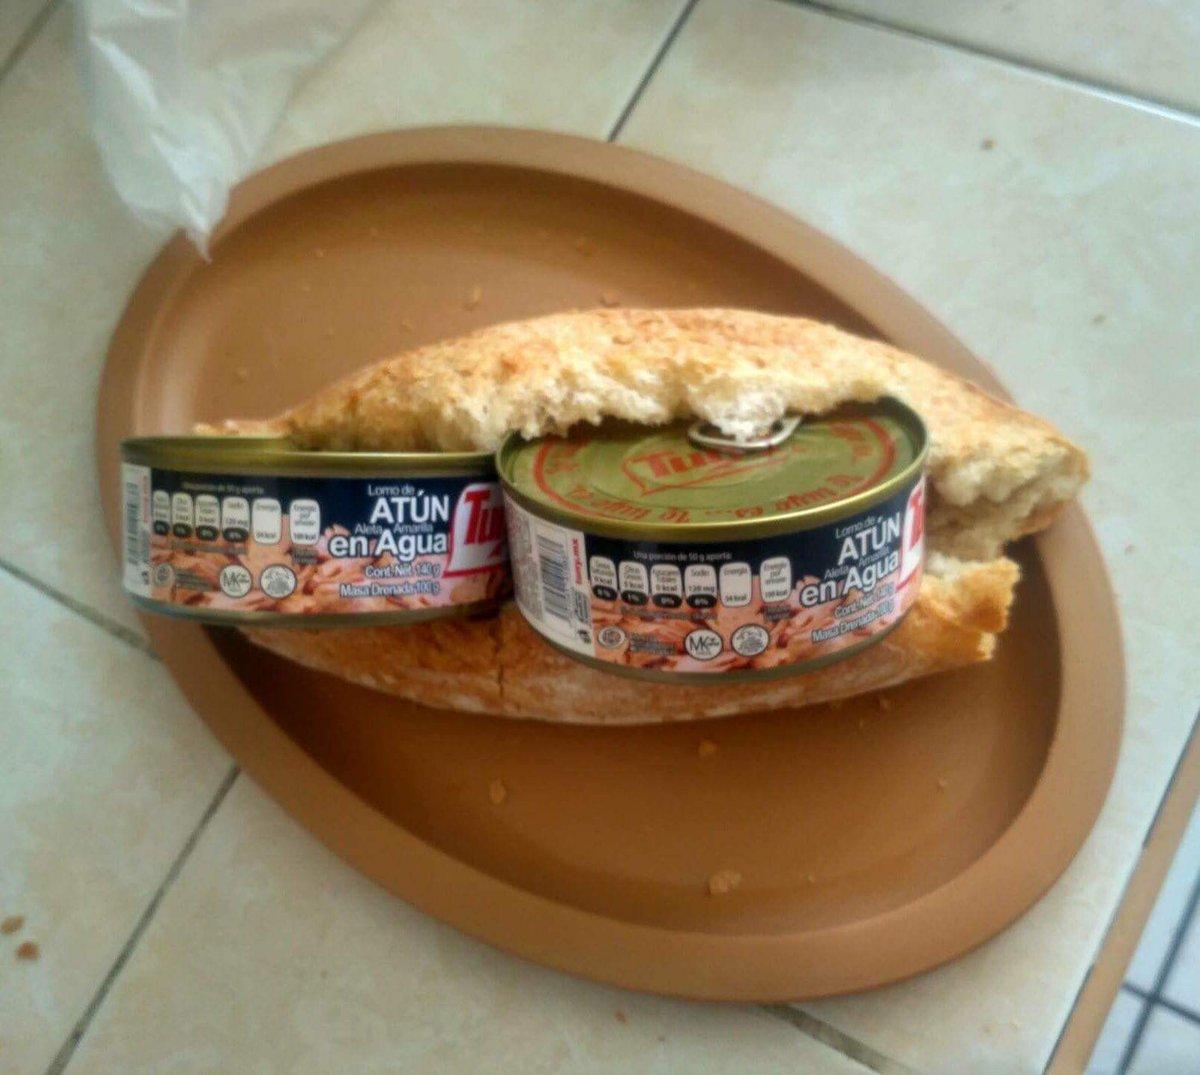 torta de atún chilangos